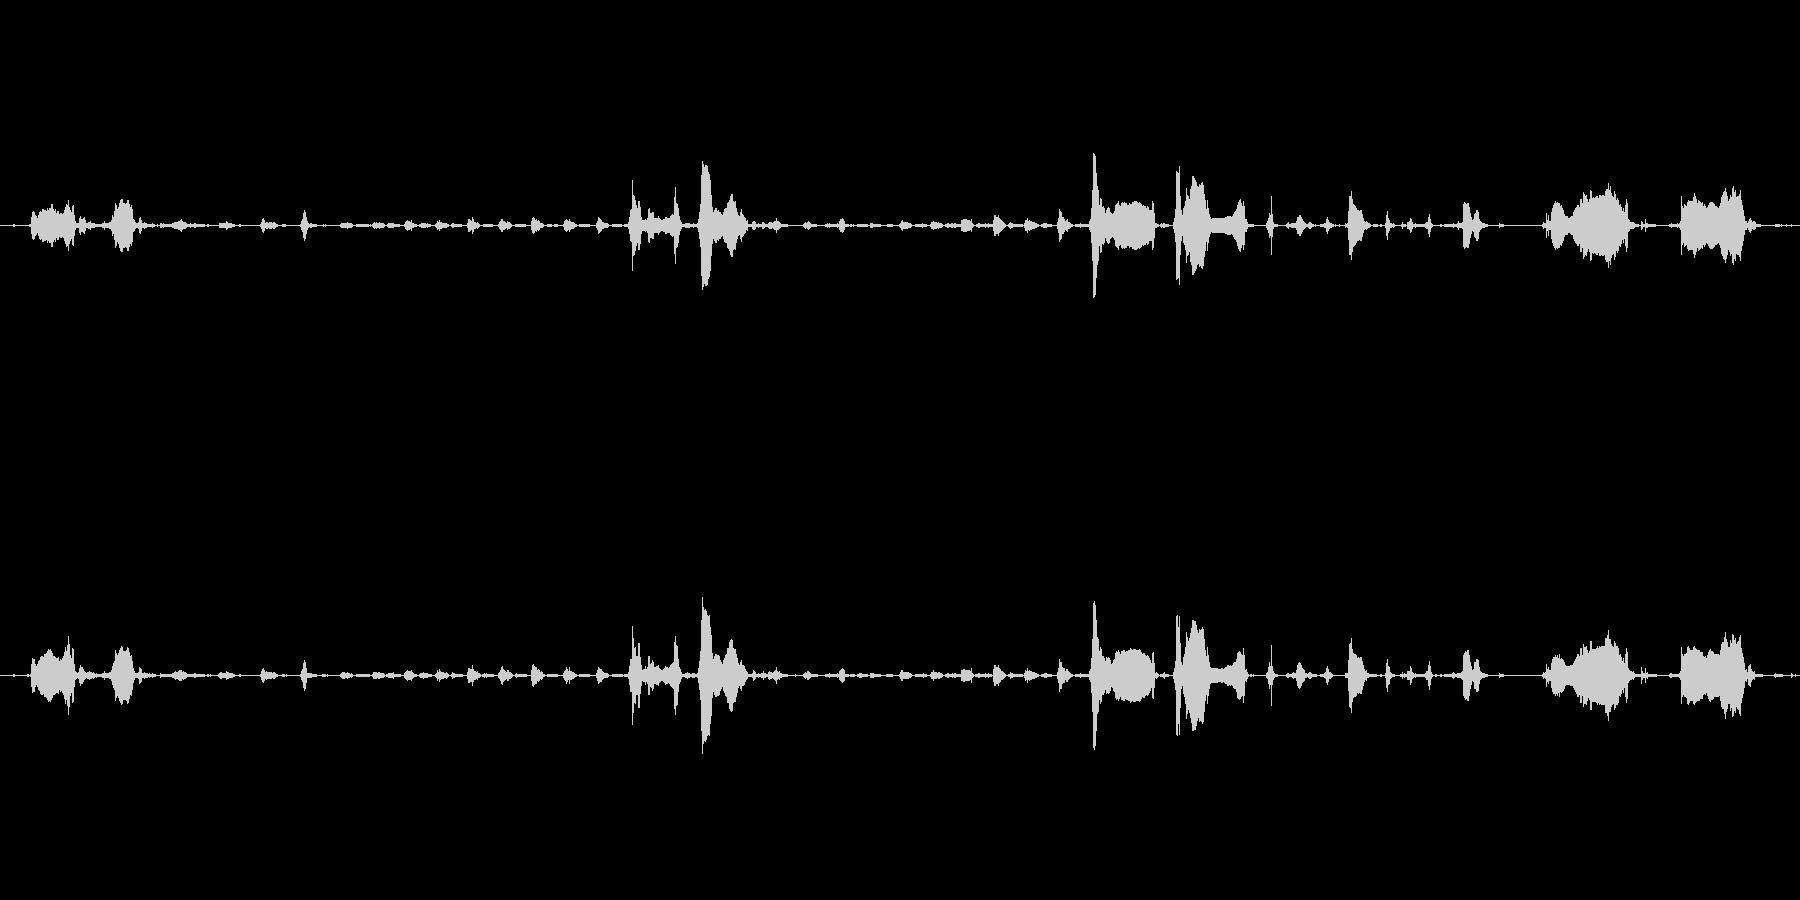 犬 GSP ワインパンツ03の未再生の波形